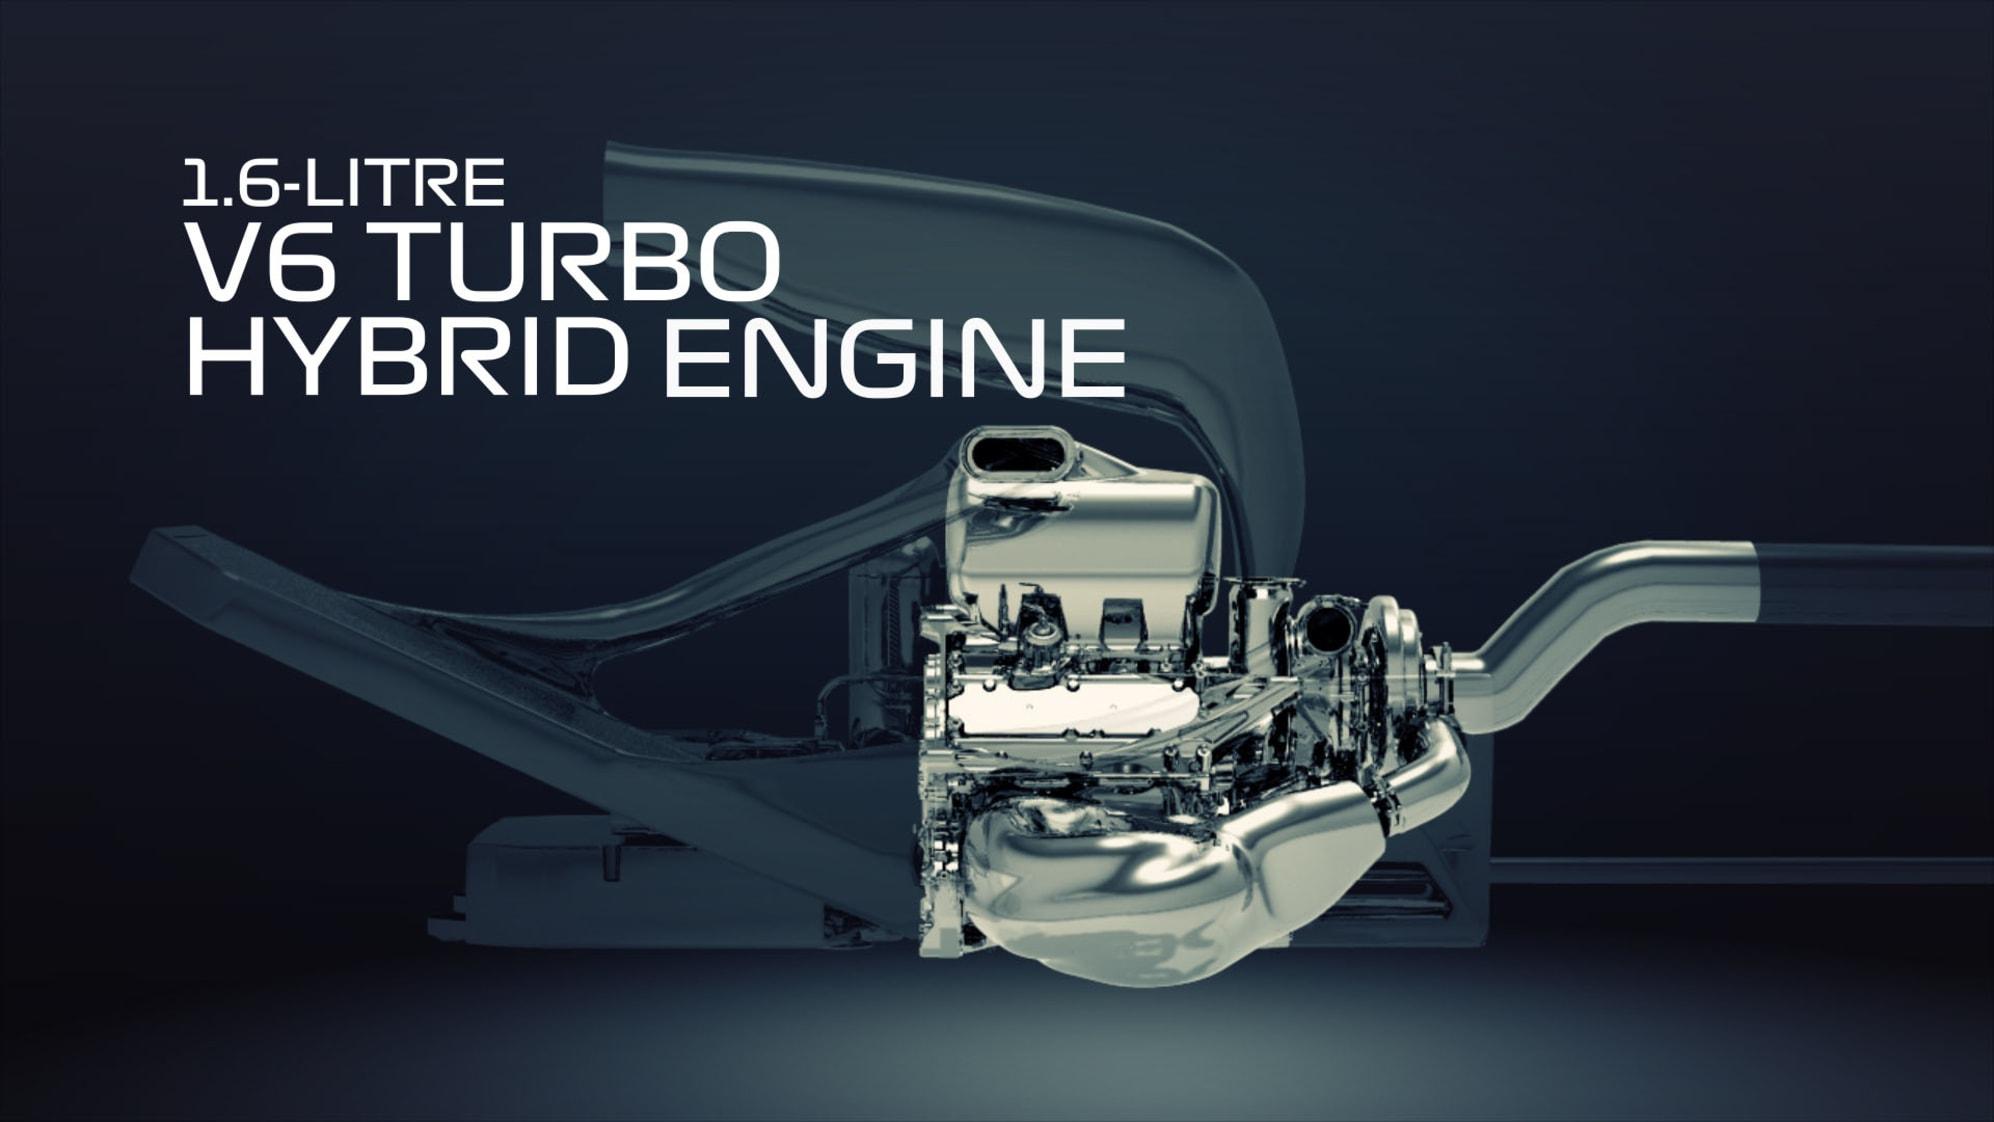 Wizualizacja silnika Formuły 1 V6 Turbo 1,6L